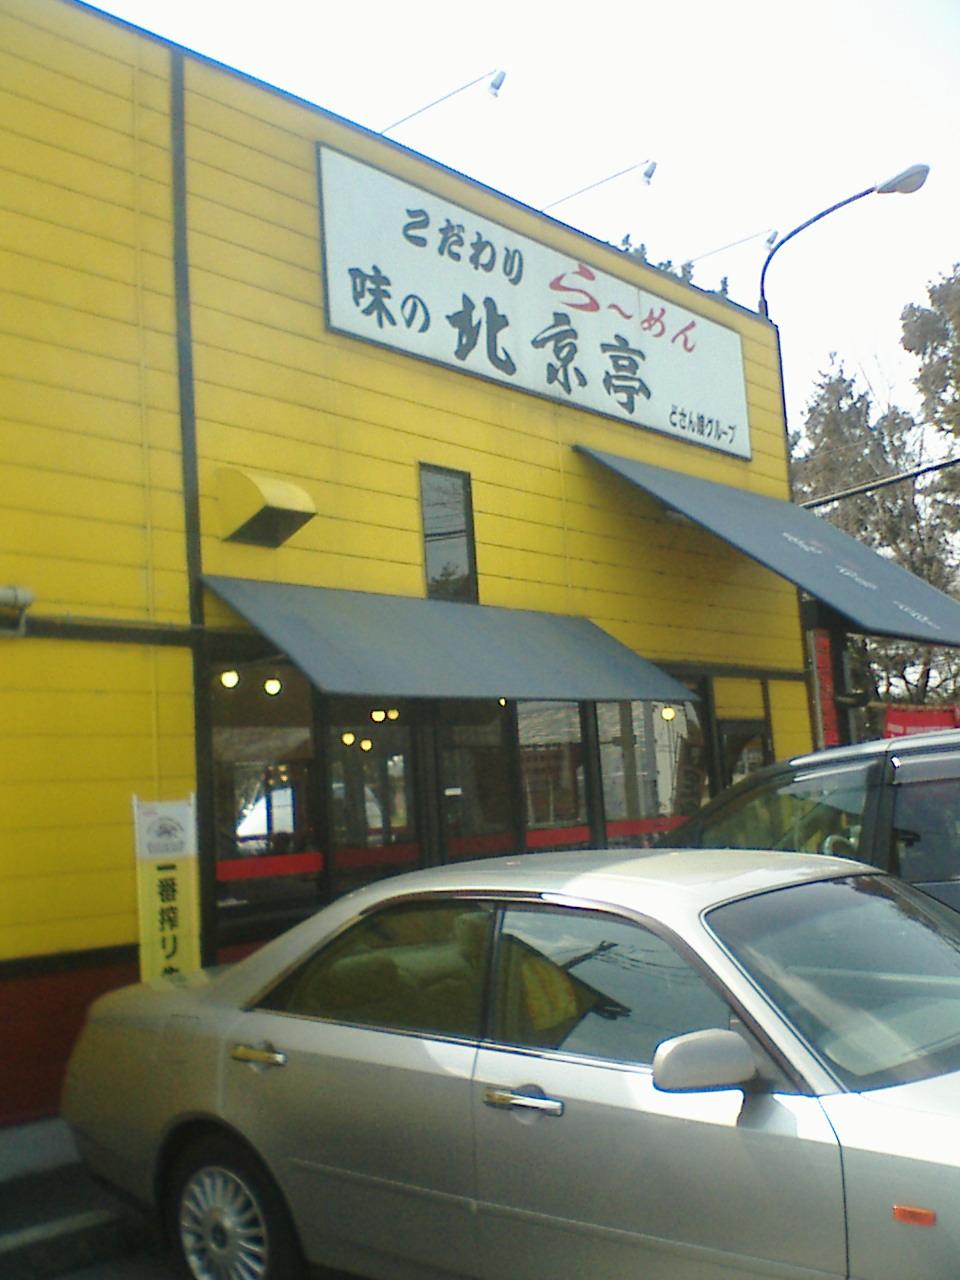 味の北京亭 鶴ヶ島店